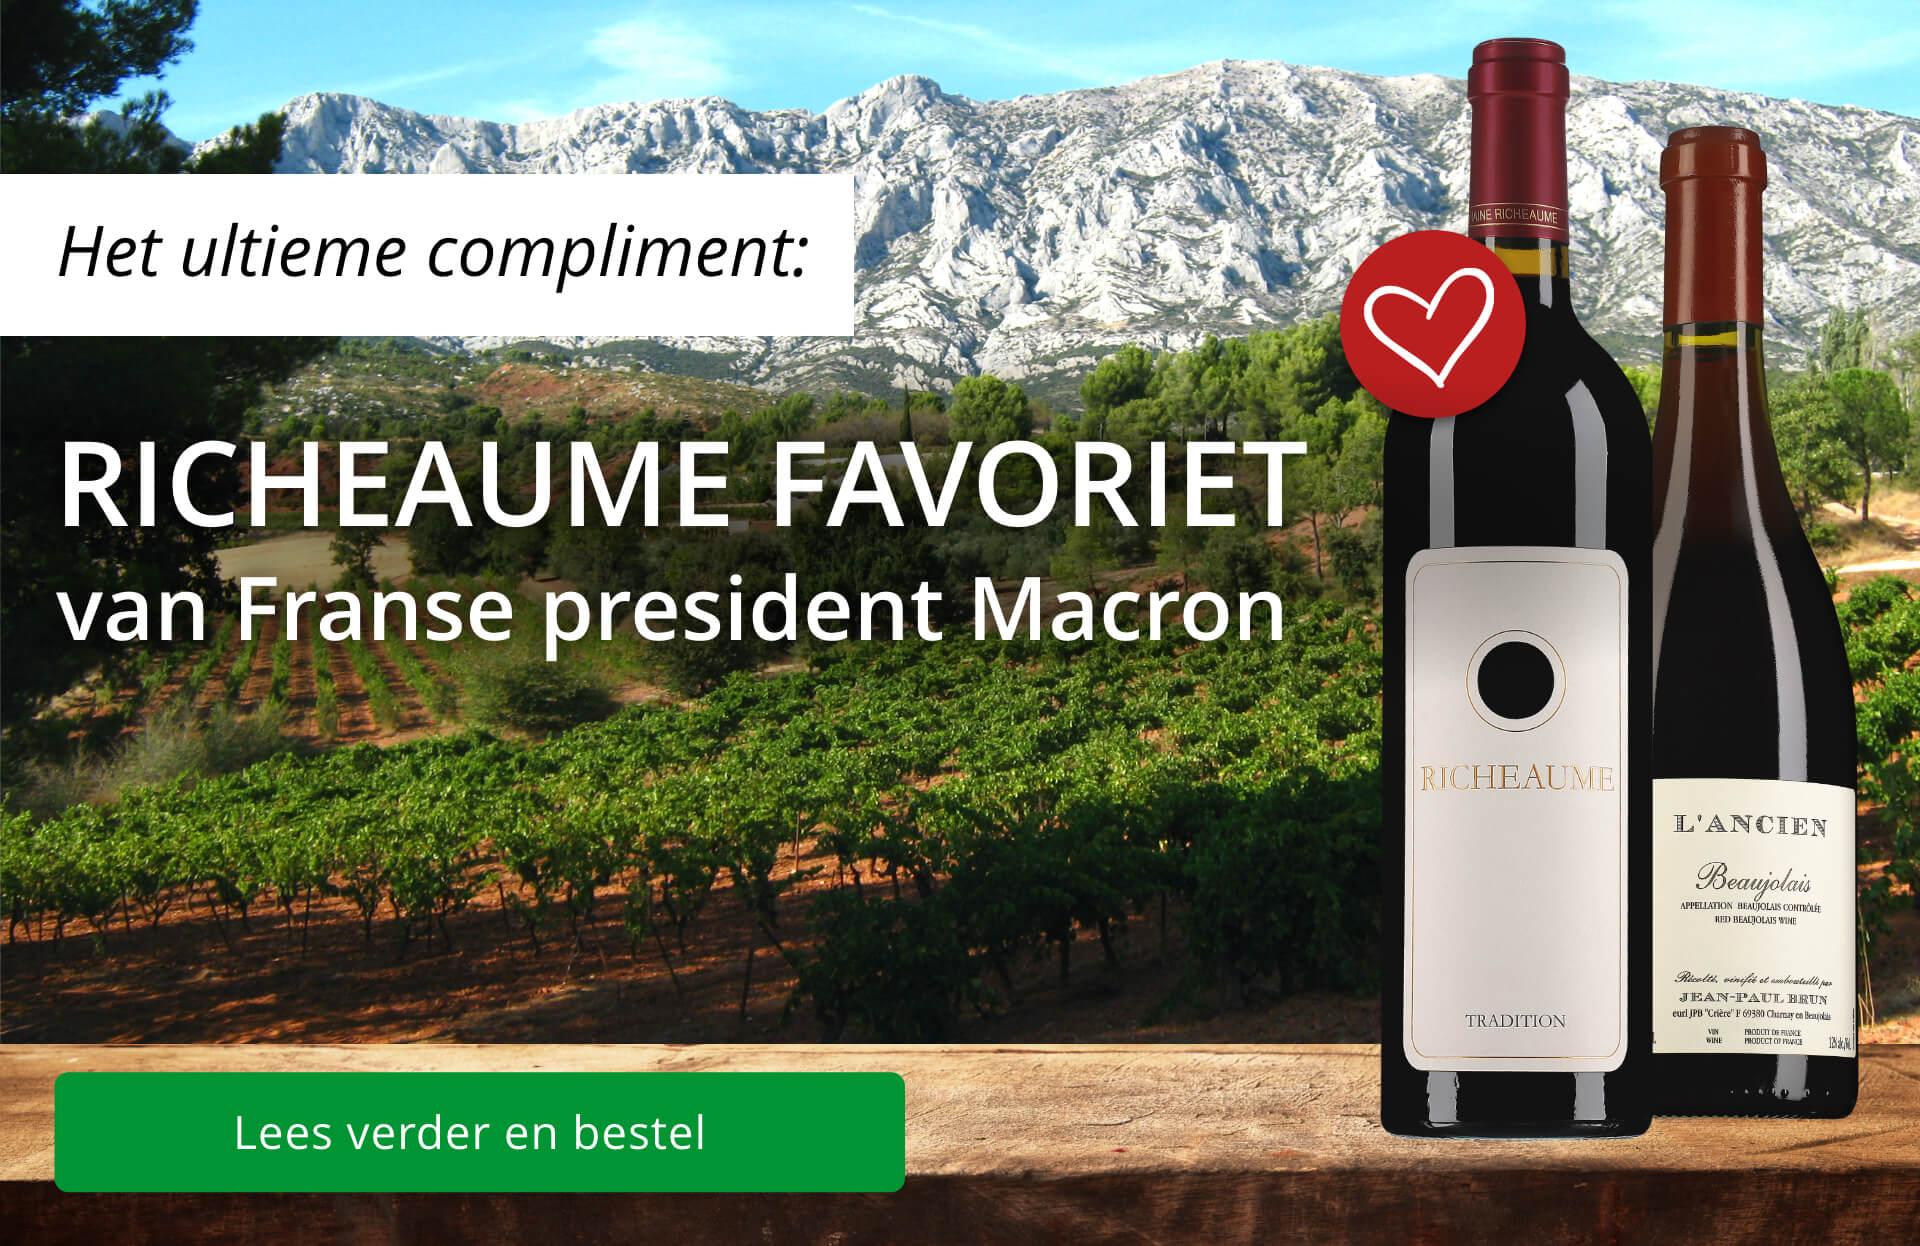 Richeaume favoriet van Macron